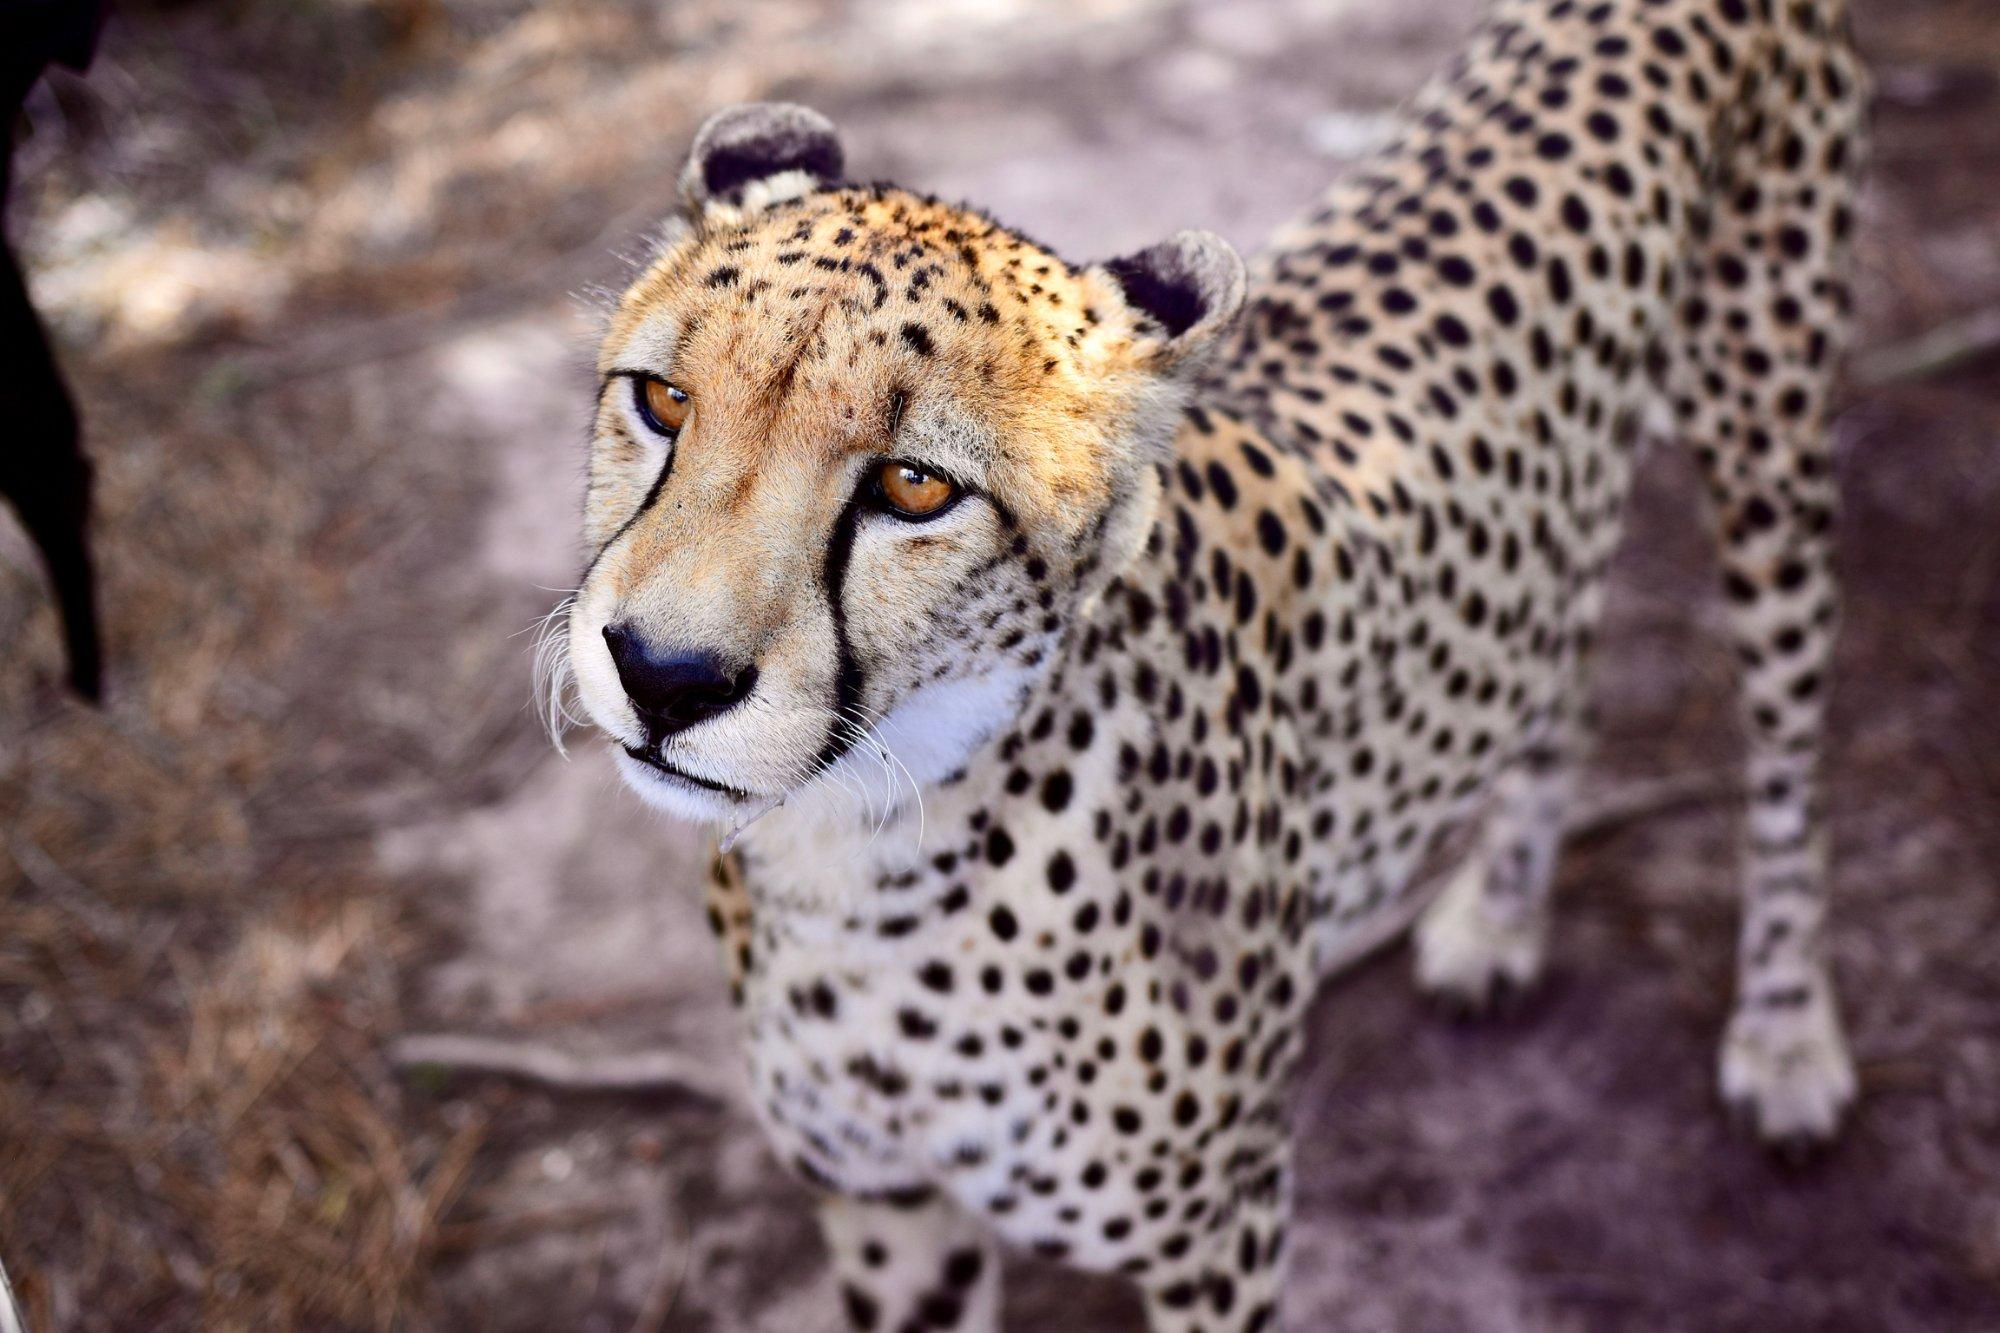 incontri per gli amanti della fauna selvatica